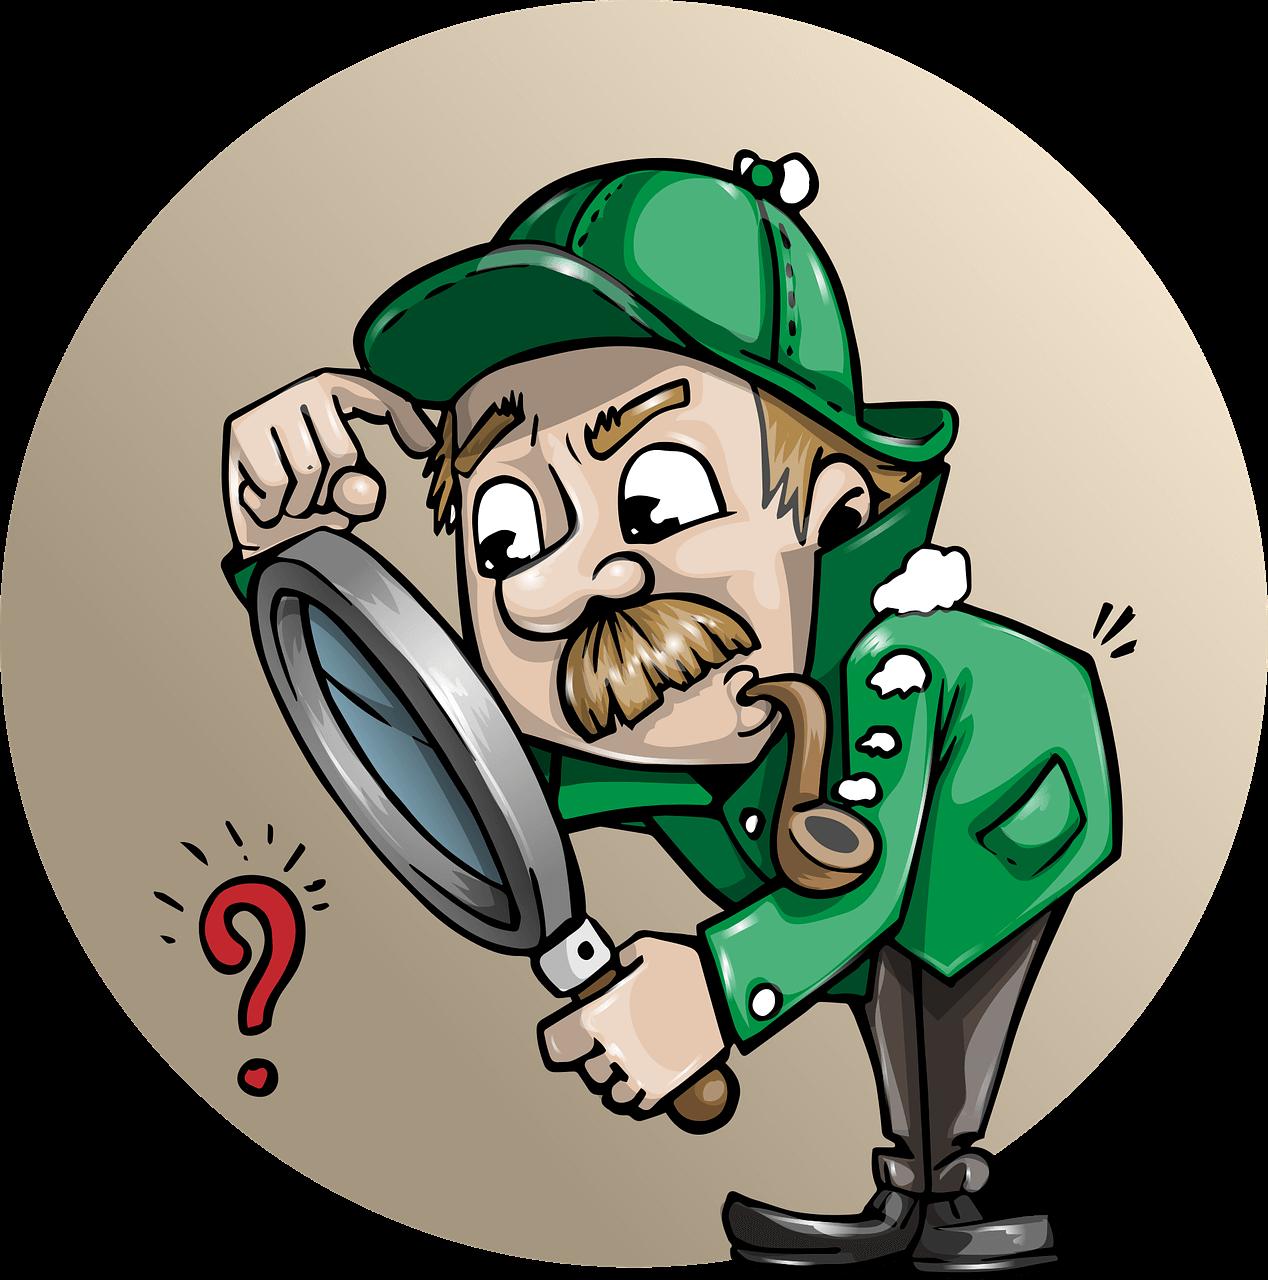 Suchintention herausfinden - Cartoon Detektiv